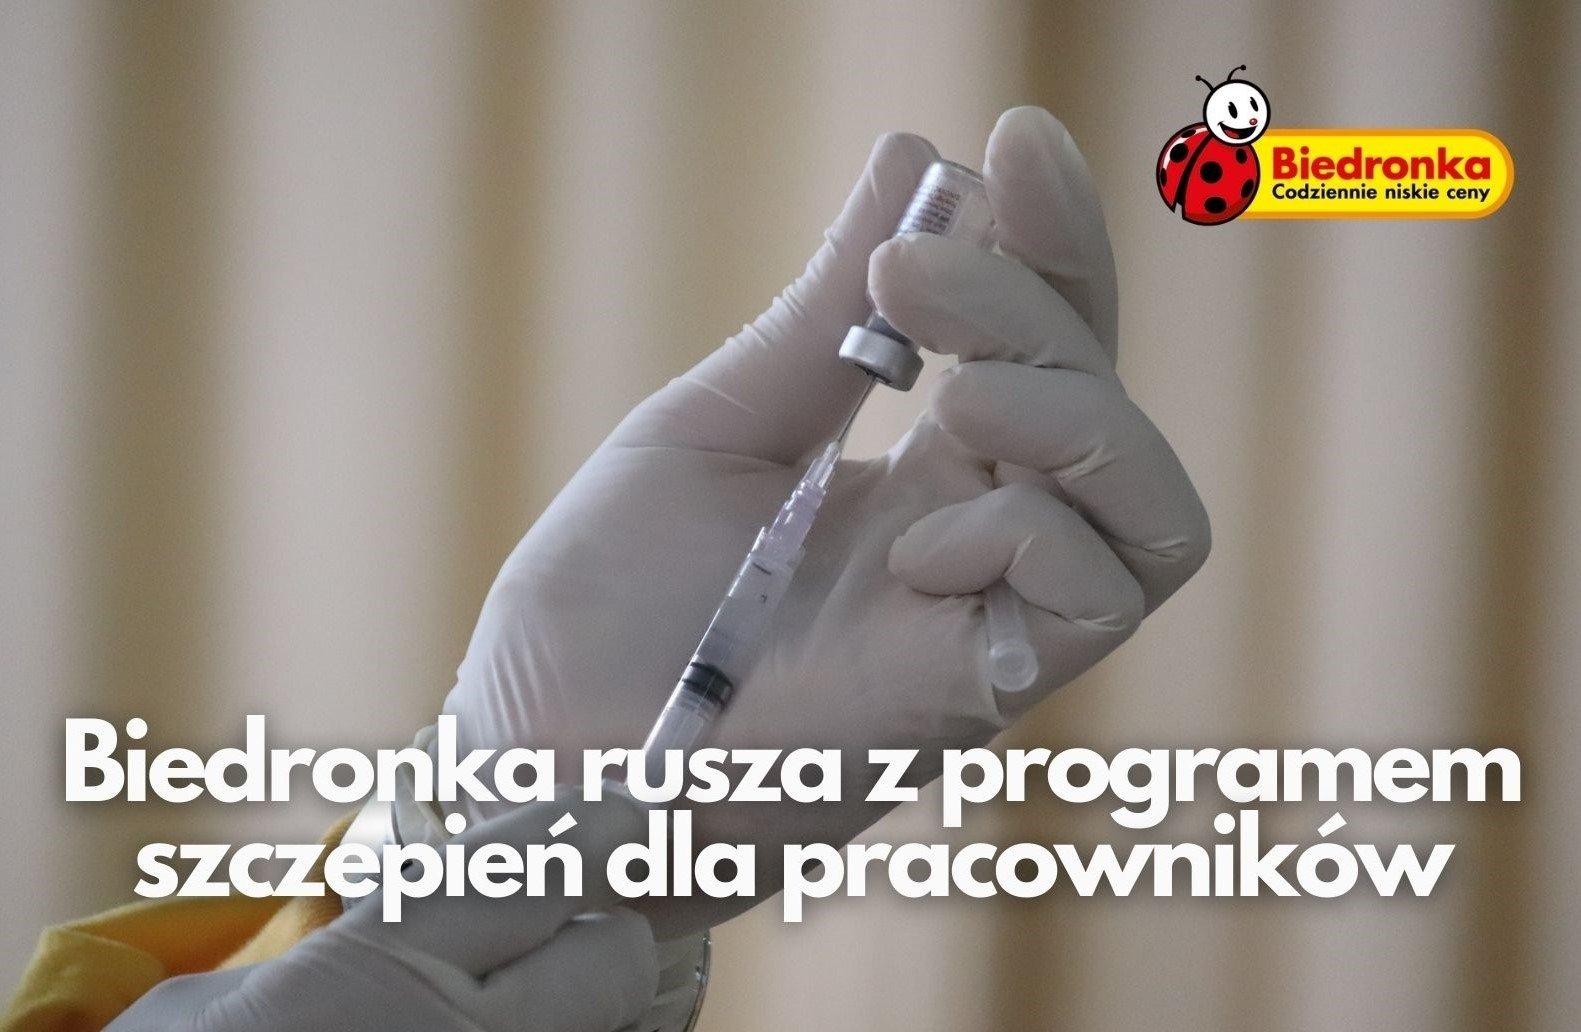 Biedronka rusza z programem szczepień dla pracowników